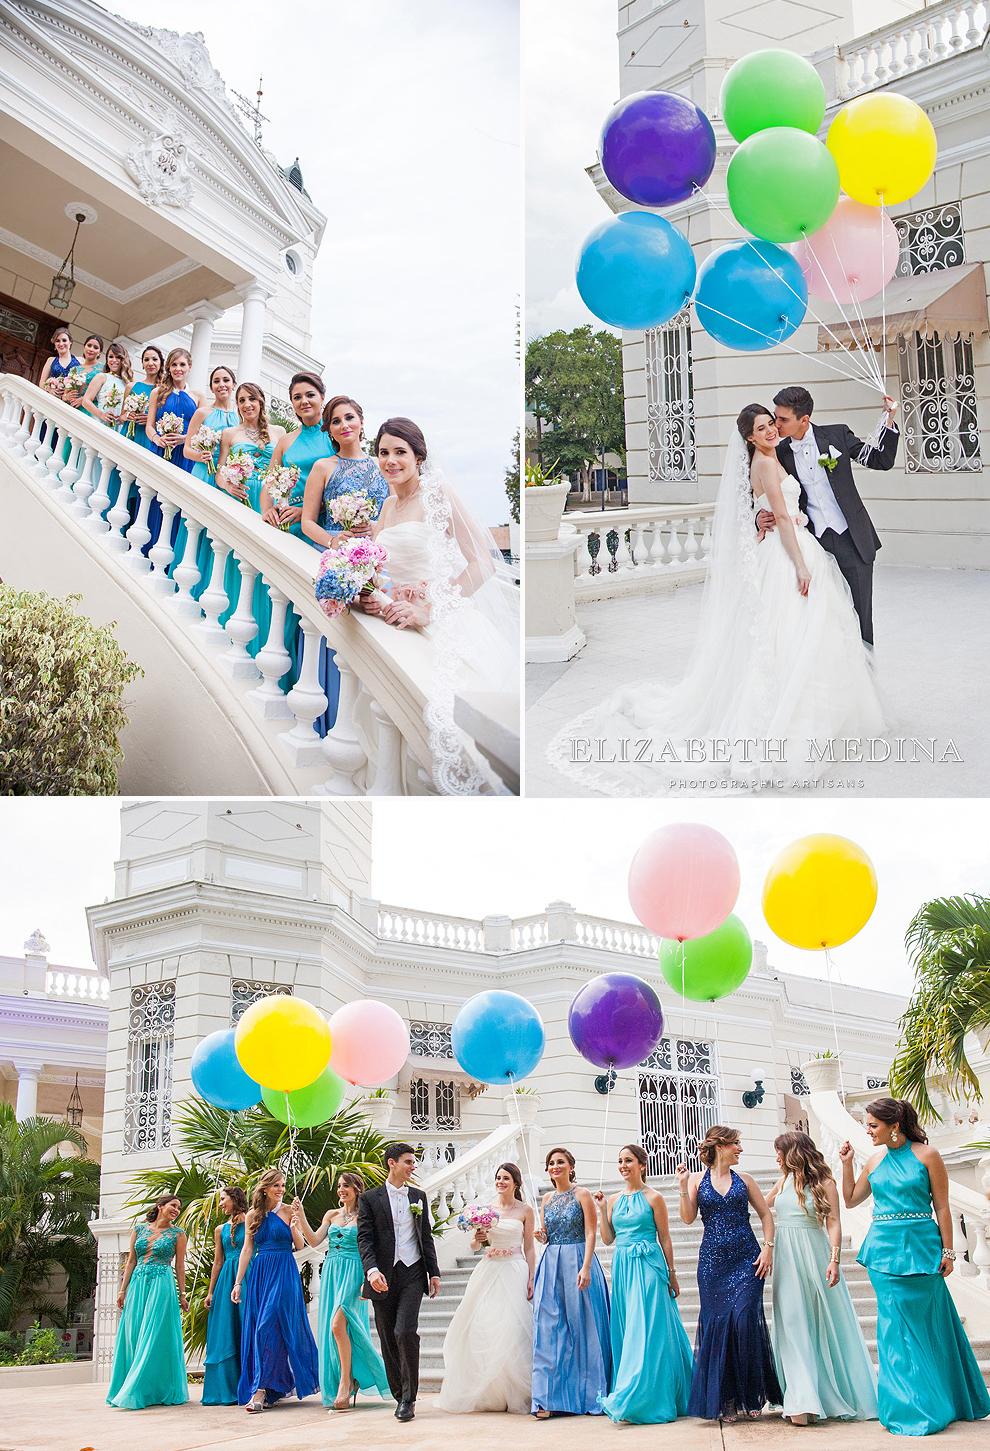 merida_wedding_elizabeth_medina_0009 Boda en Merida, Quinta Montes Molina 03 14 2015